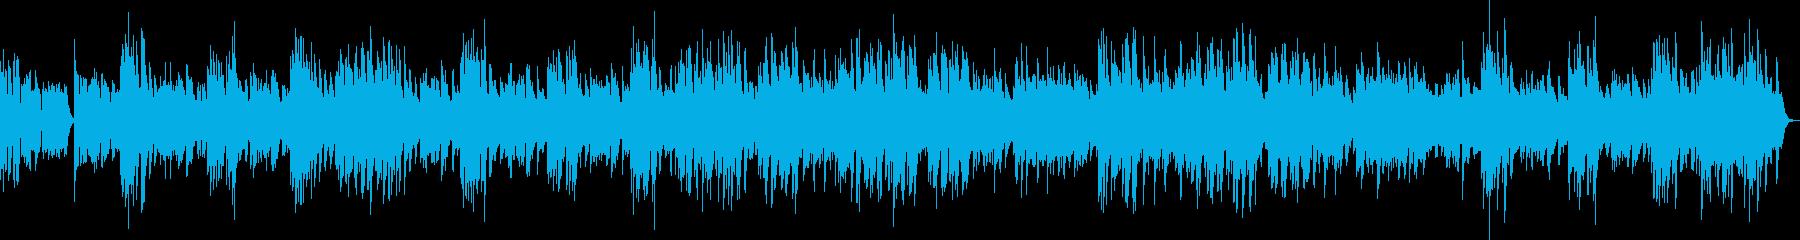 昔のフィルム映画やラジオ風のラグタイム2の再生済みの波形